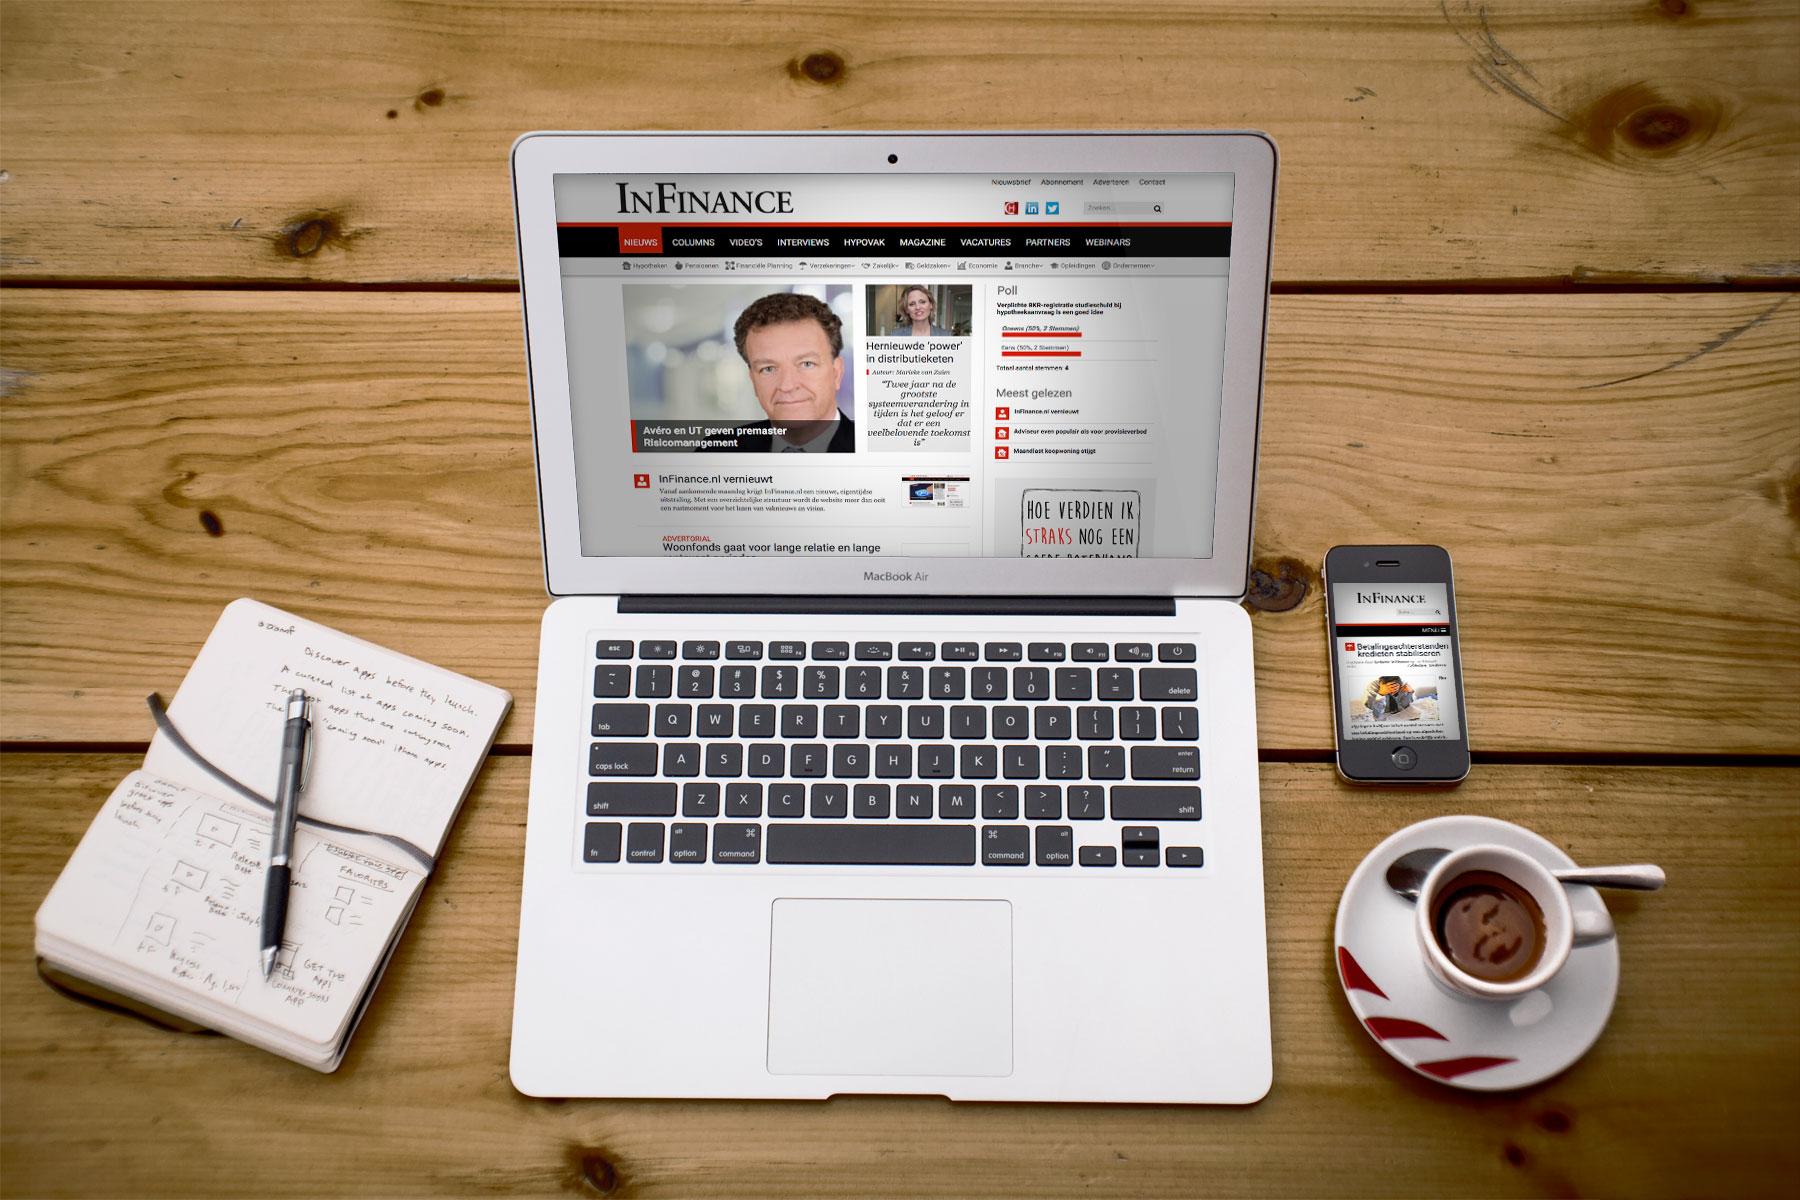 infinance-wwww.jpg